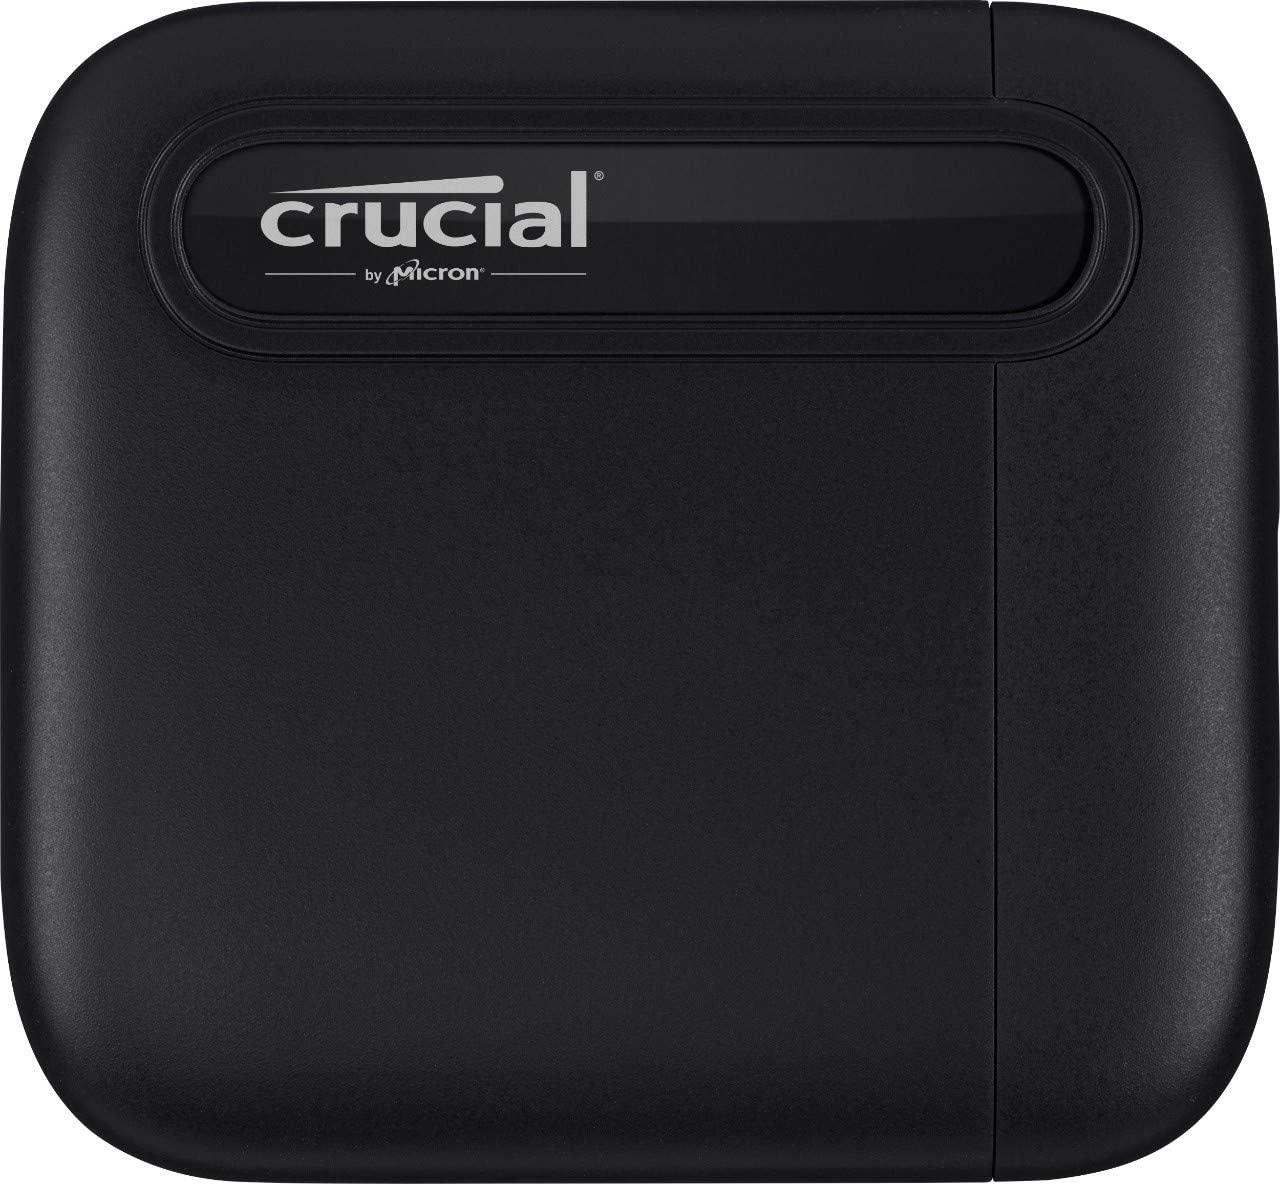 【お買い物マラソン期間限定価格】Crucial X6 500GB Portable SSD